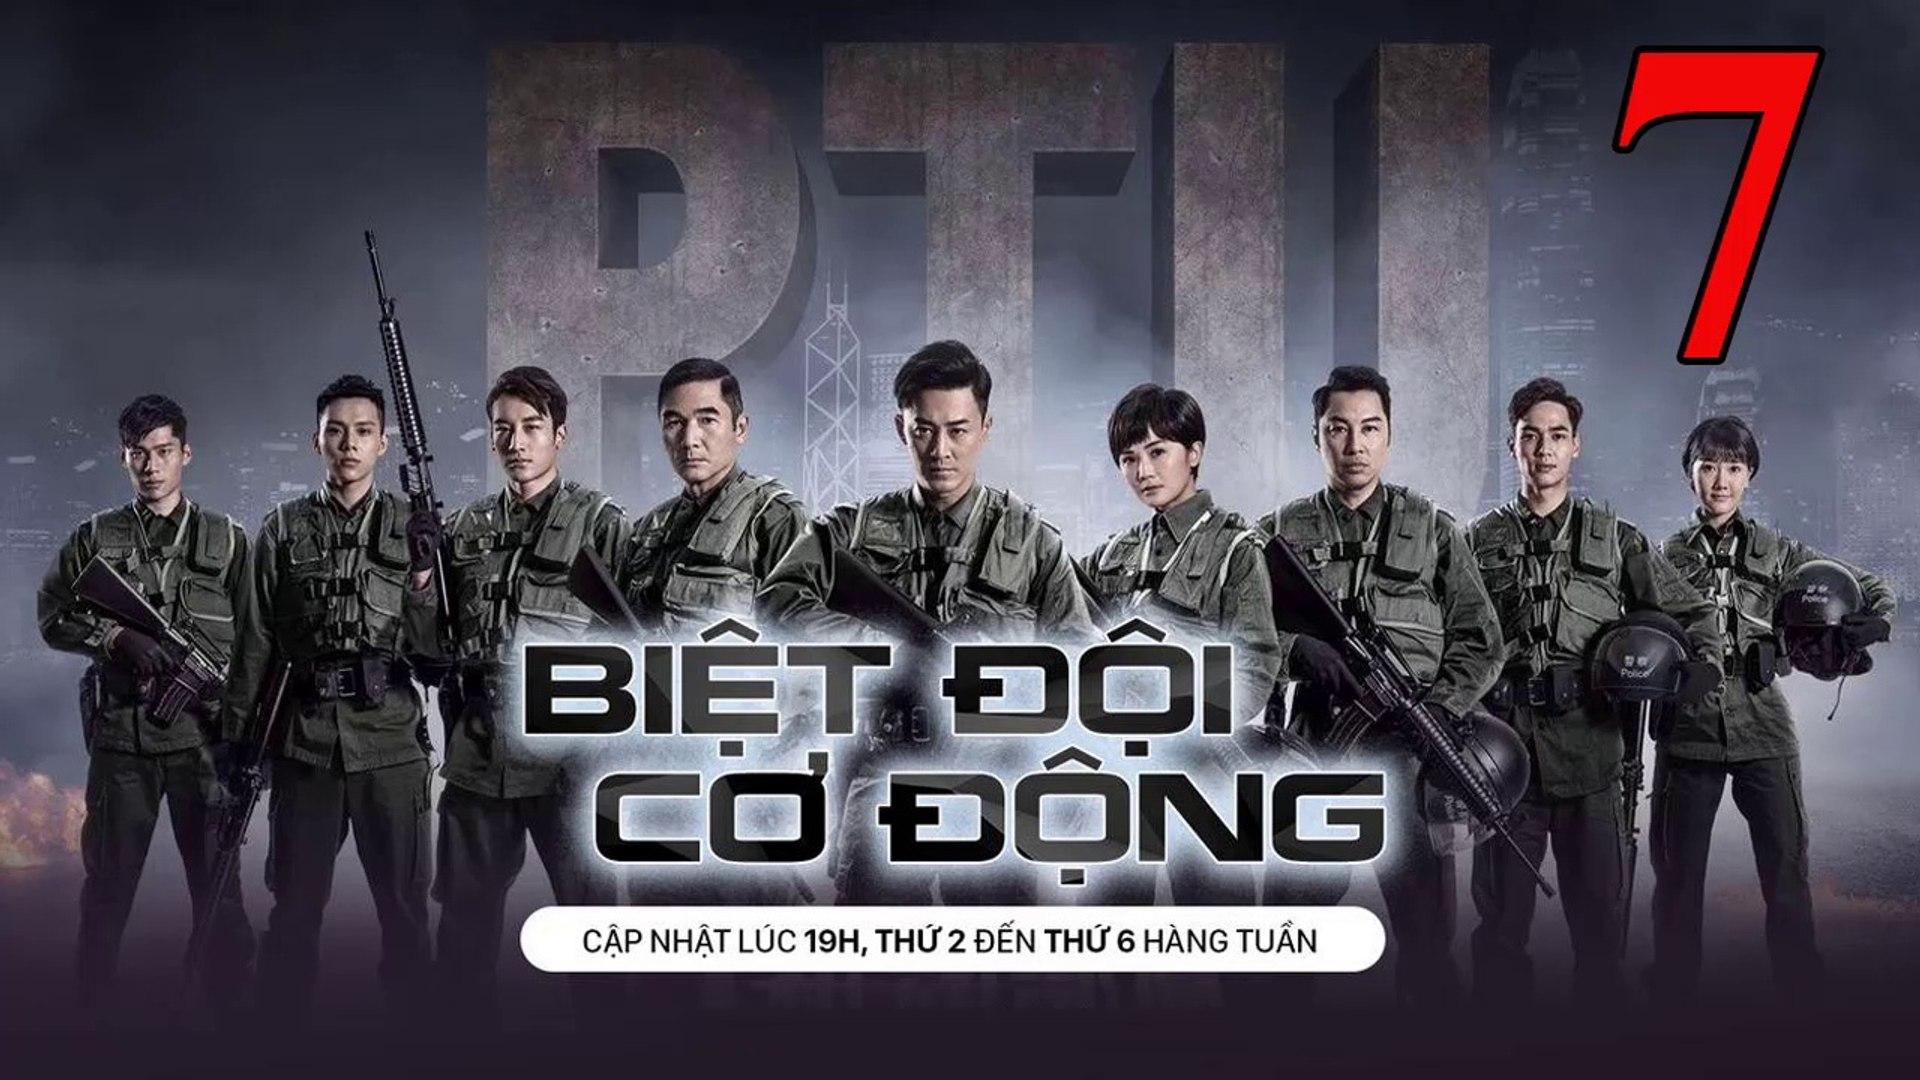 Phim Hành Động TVB: Biệt Đội Cơ Động Tập 7 Vietsub | 机动部队 Police Tactical Unit Ep.7  HD 2019